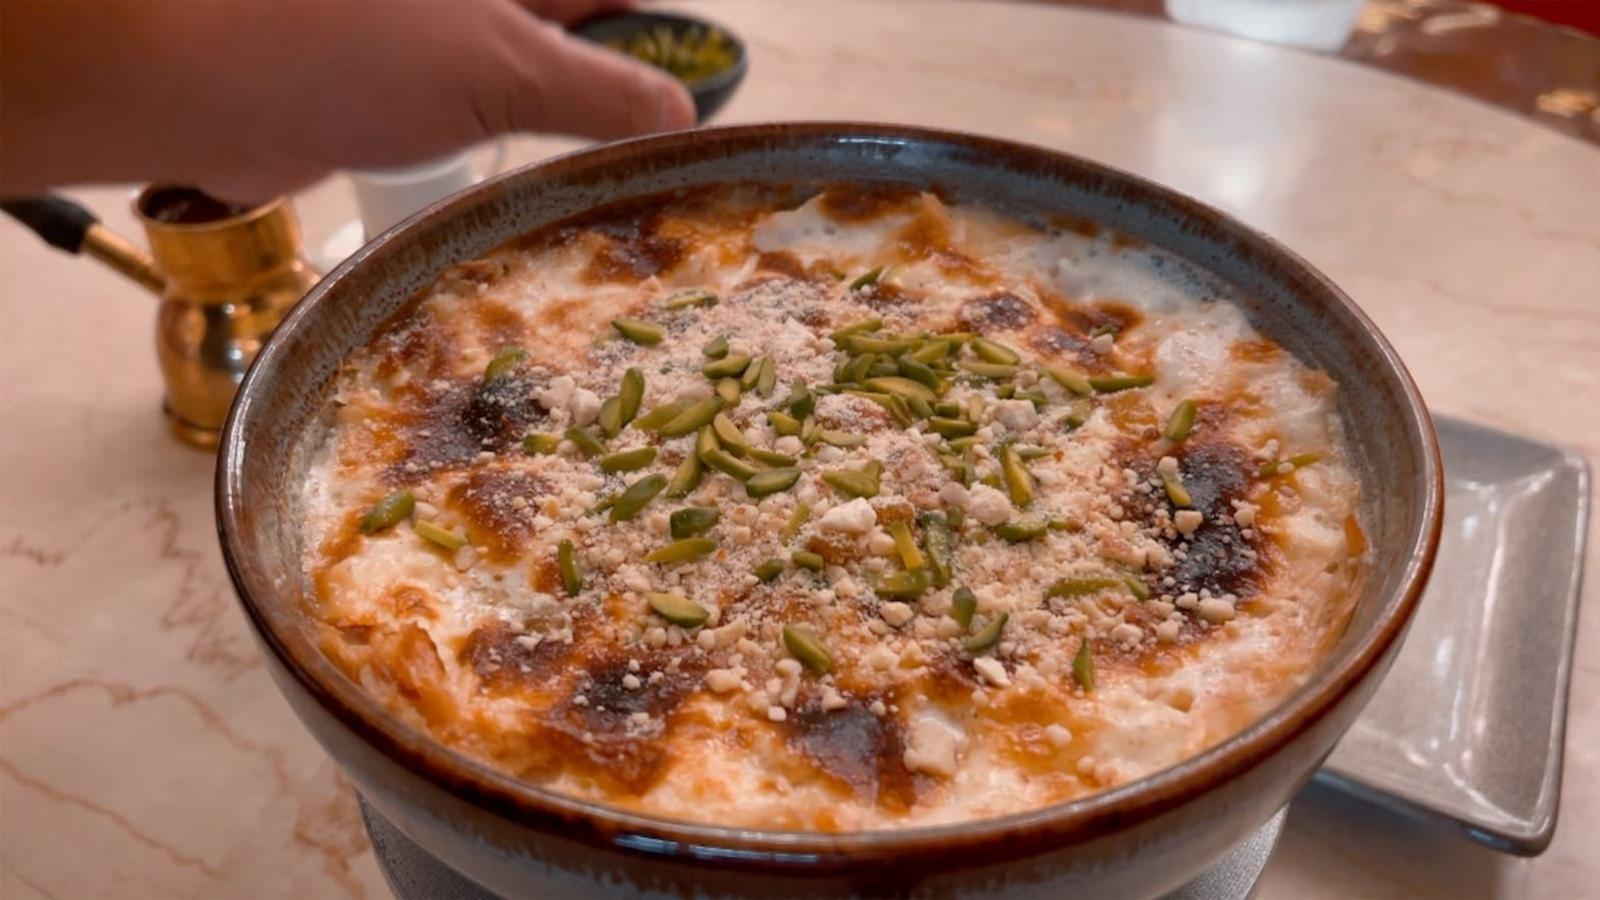 WATCH: New QL Food series explores Doha's most famous Umm Ali